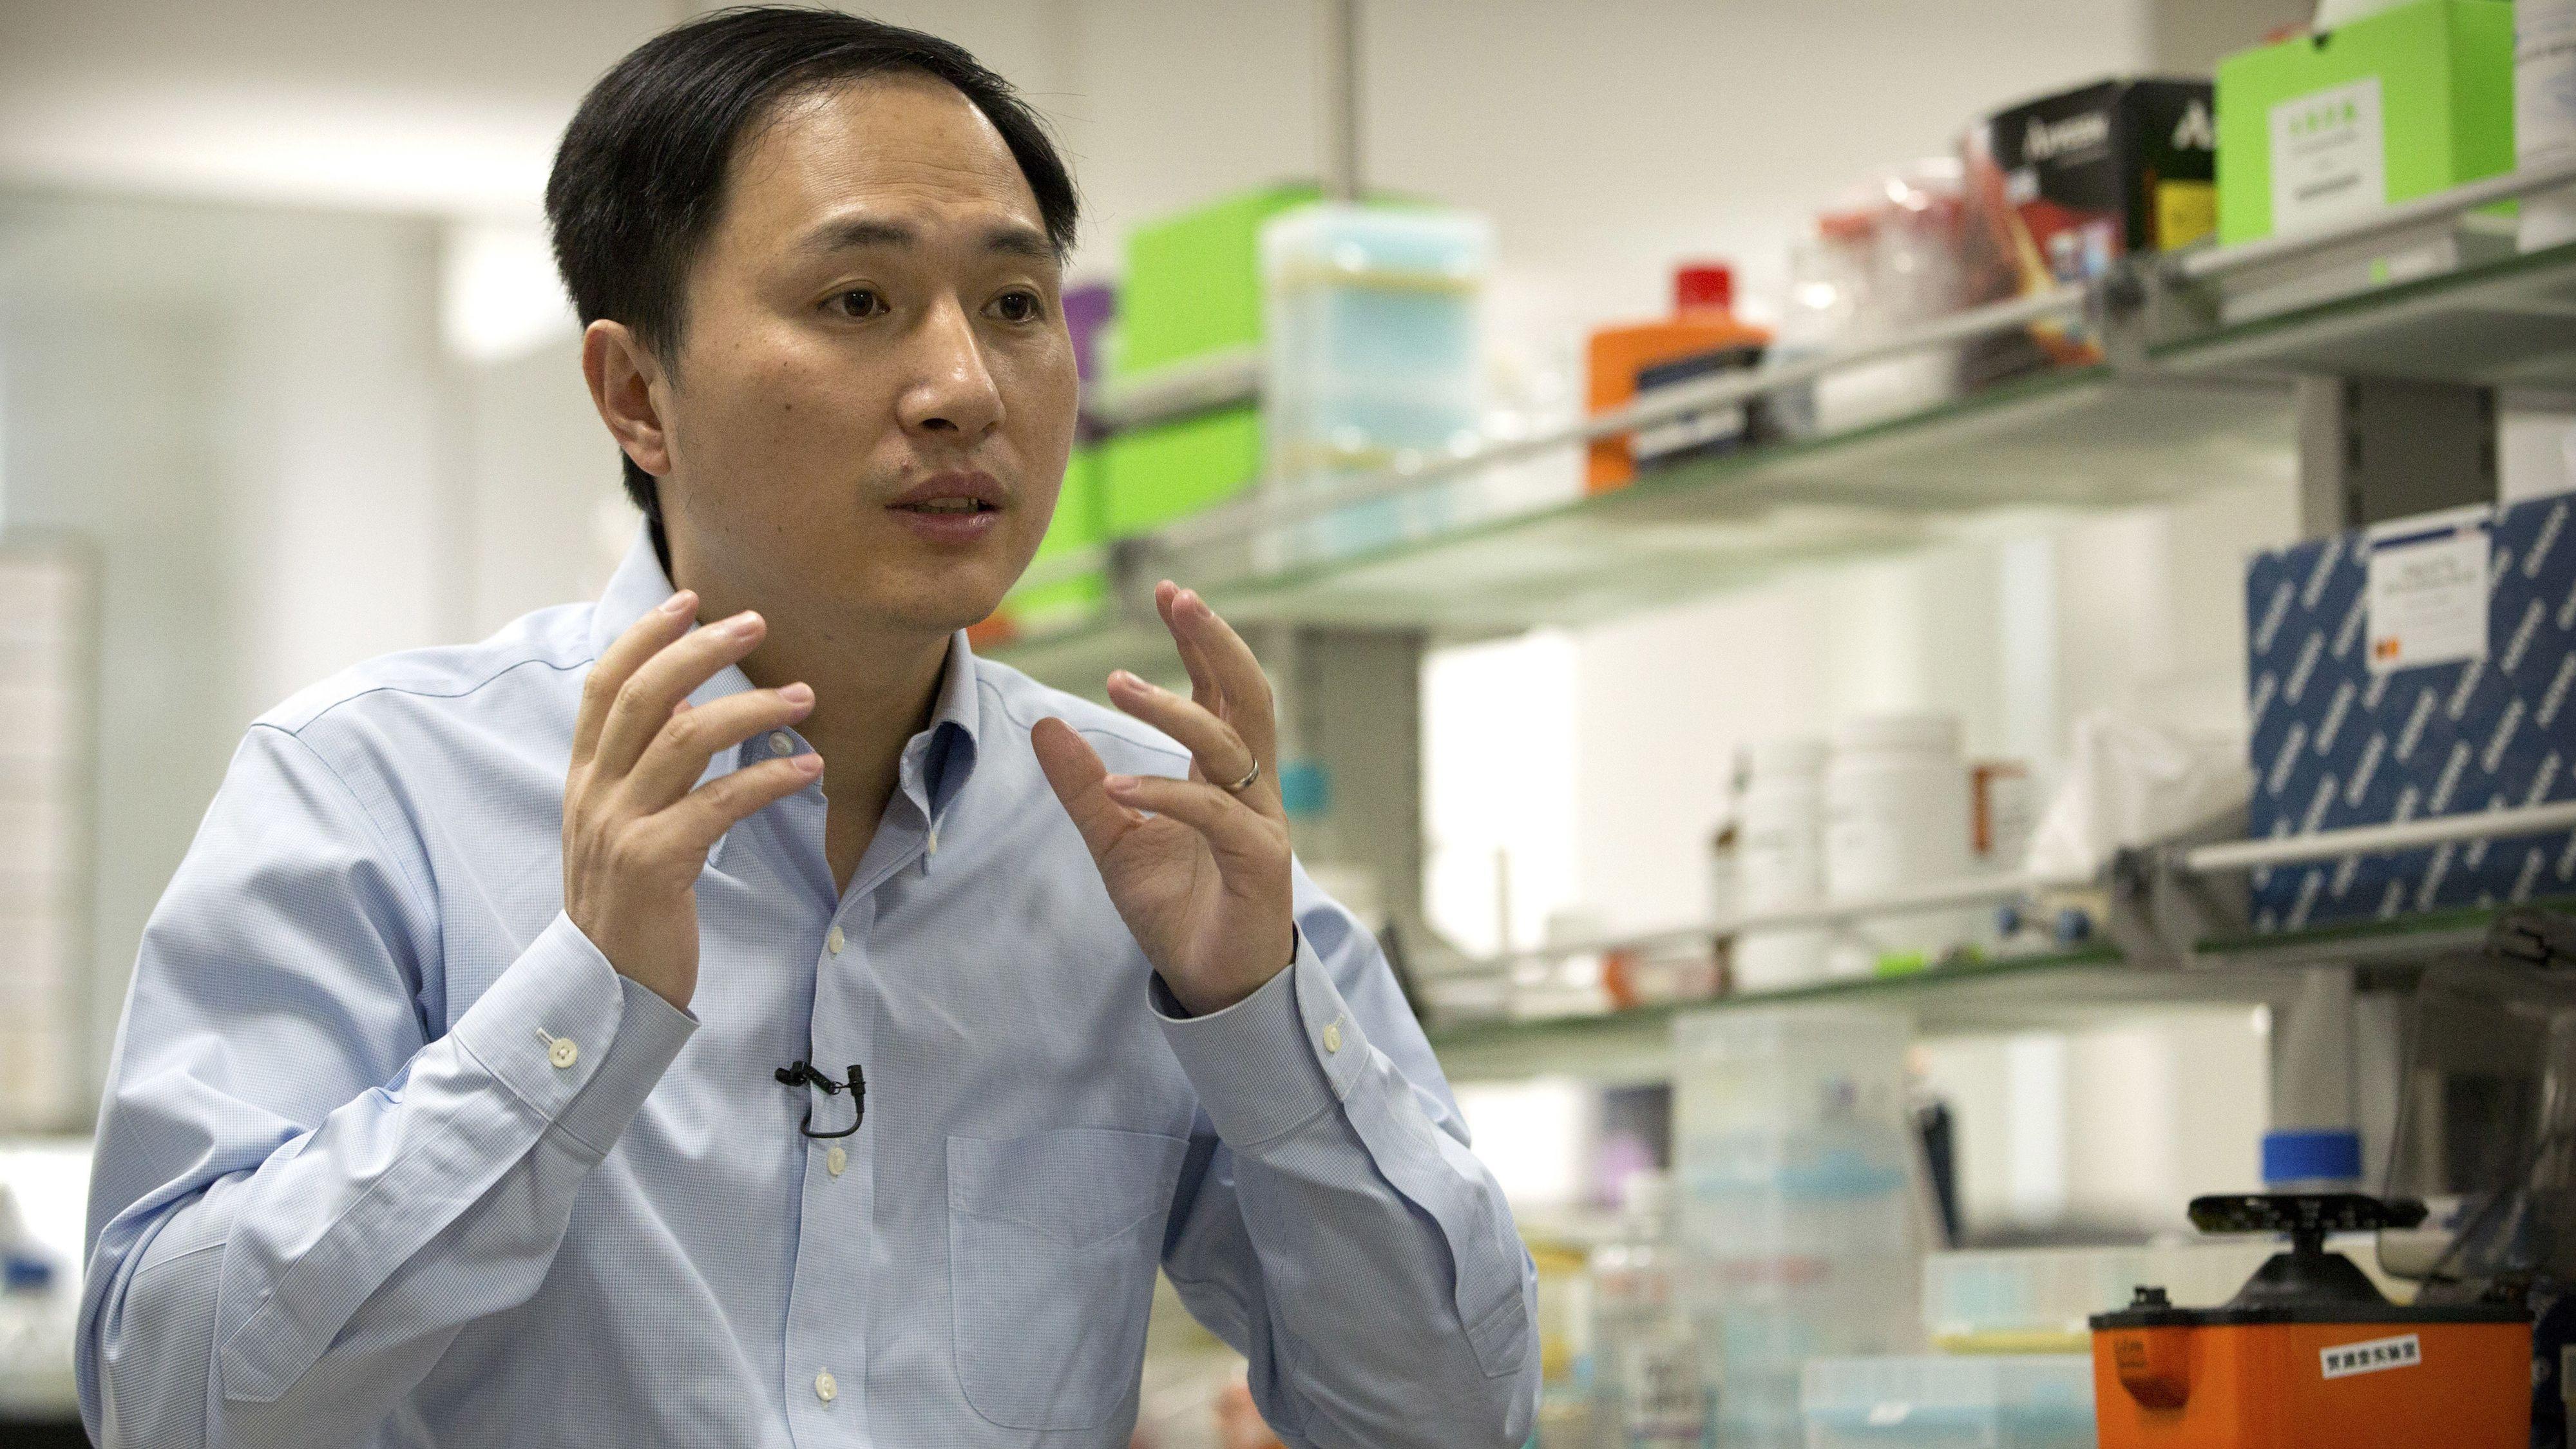 遺伝子編集ベビーの衝撃: 大バッシングにも負けない 中国人研究者の言い分